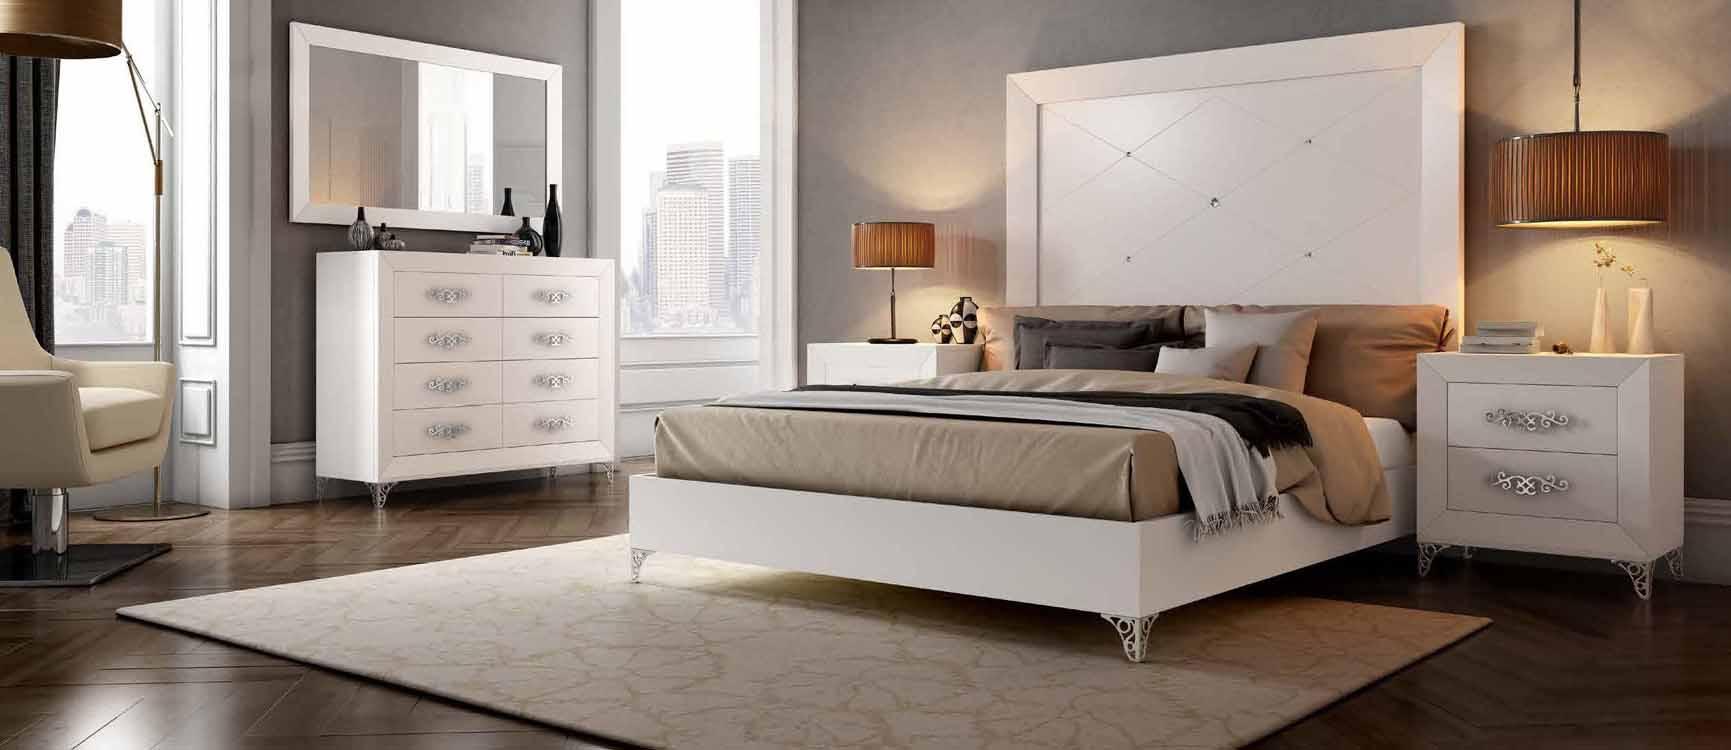 http://www.munozmuebles.net/nueva/catalogo/dormitorios-clasicos.html - Medidas  estandar de muebles en tienda de Madrid